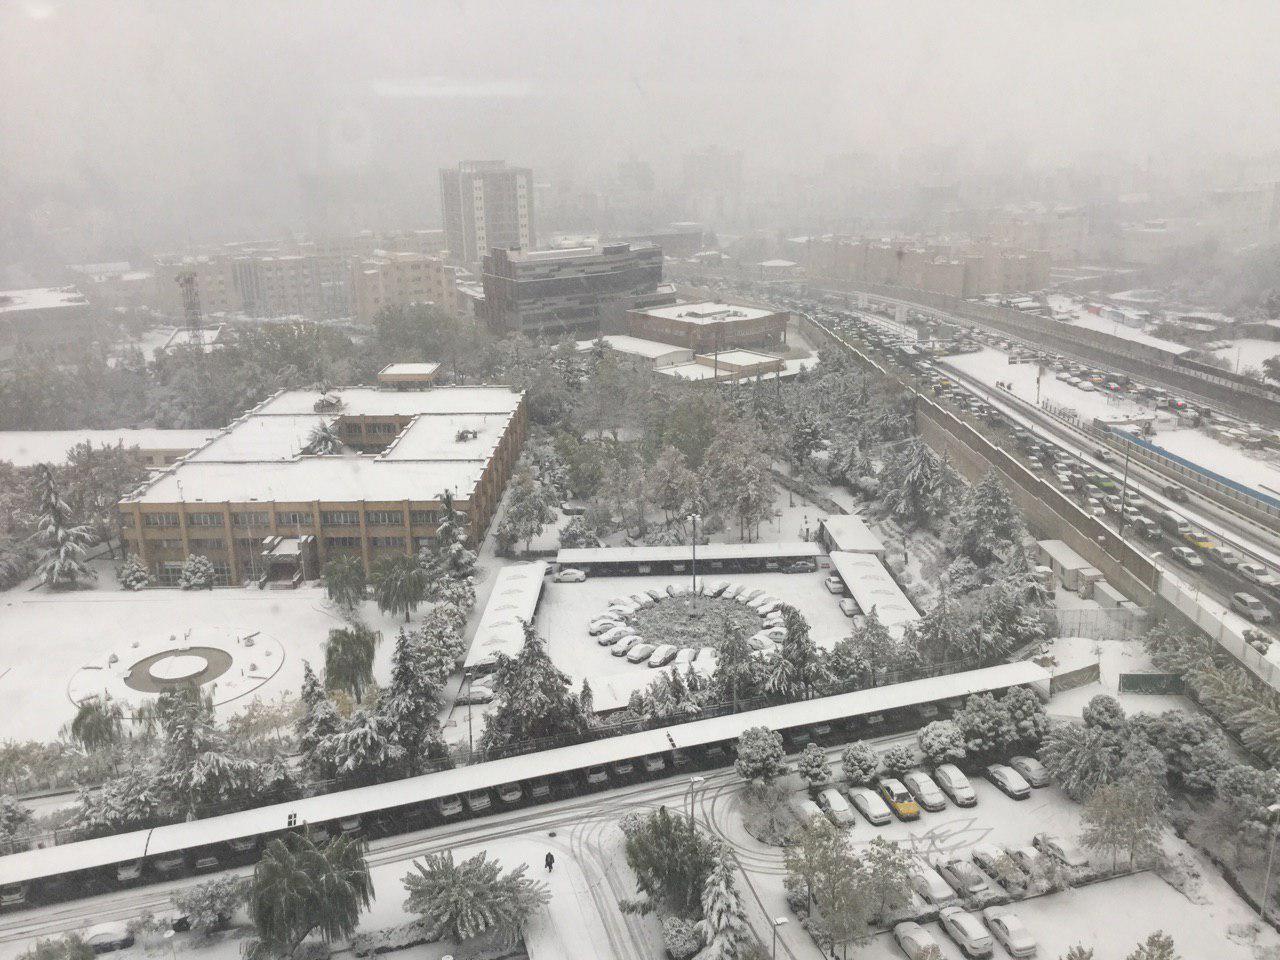 برف نو، برف نو، سلام، سلام! (+عکس)